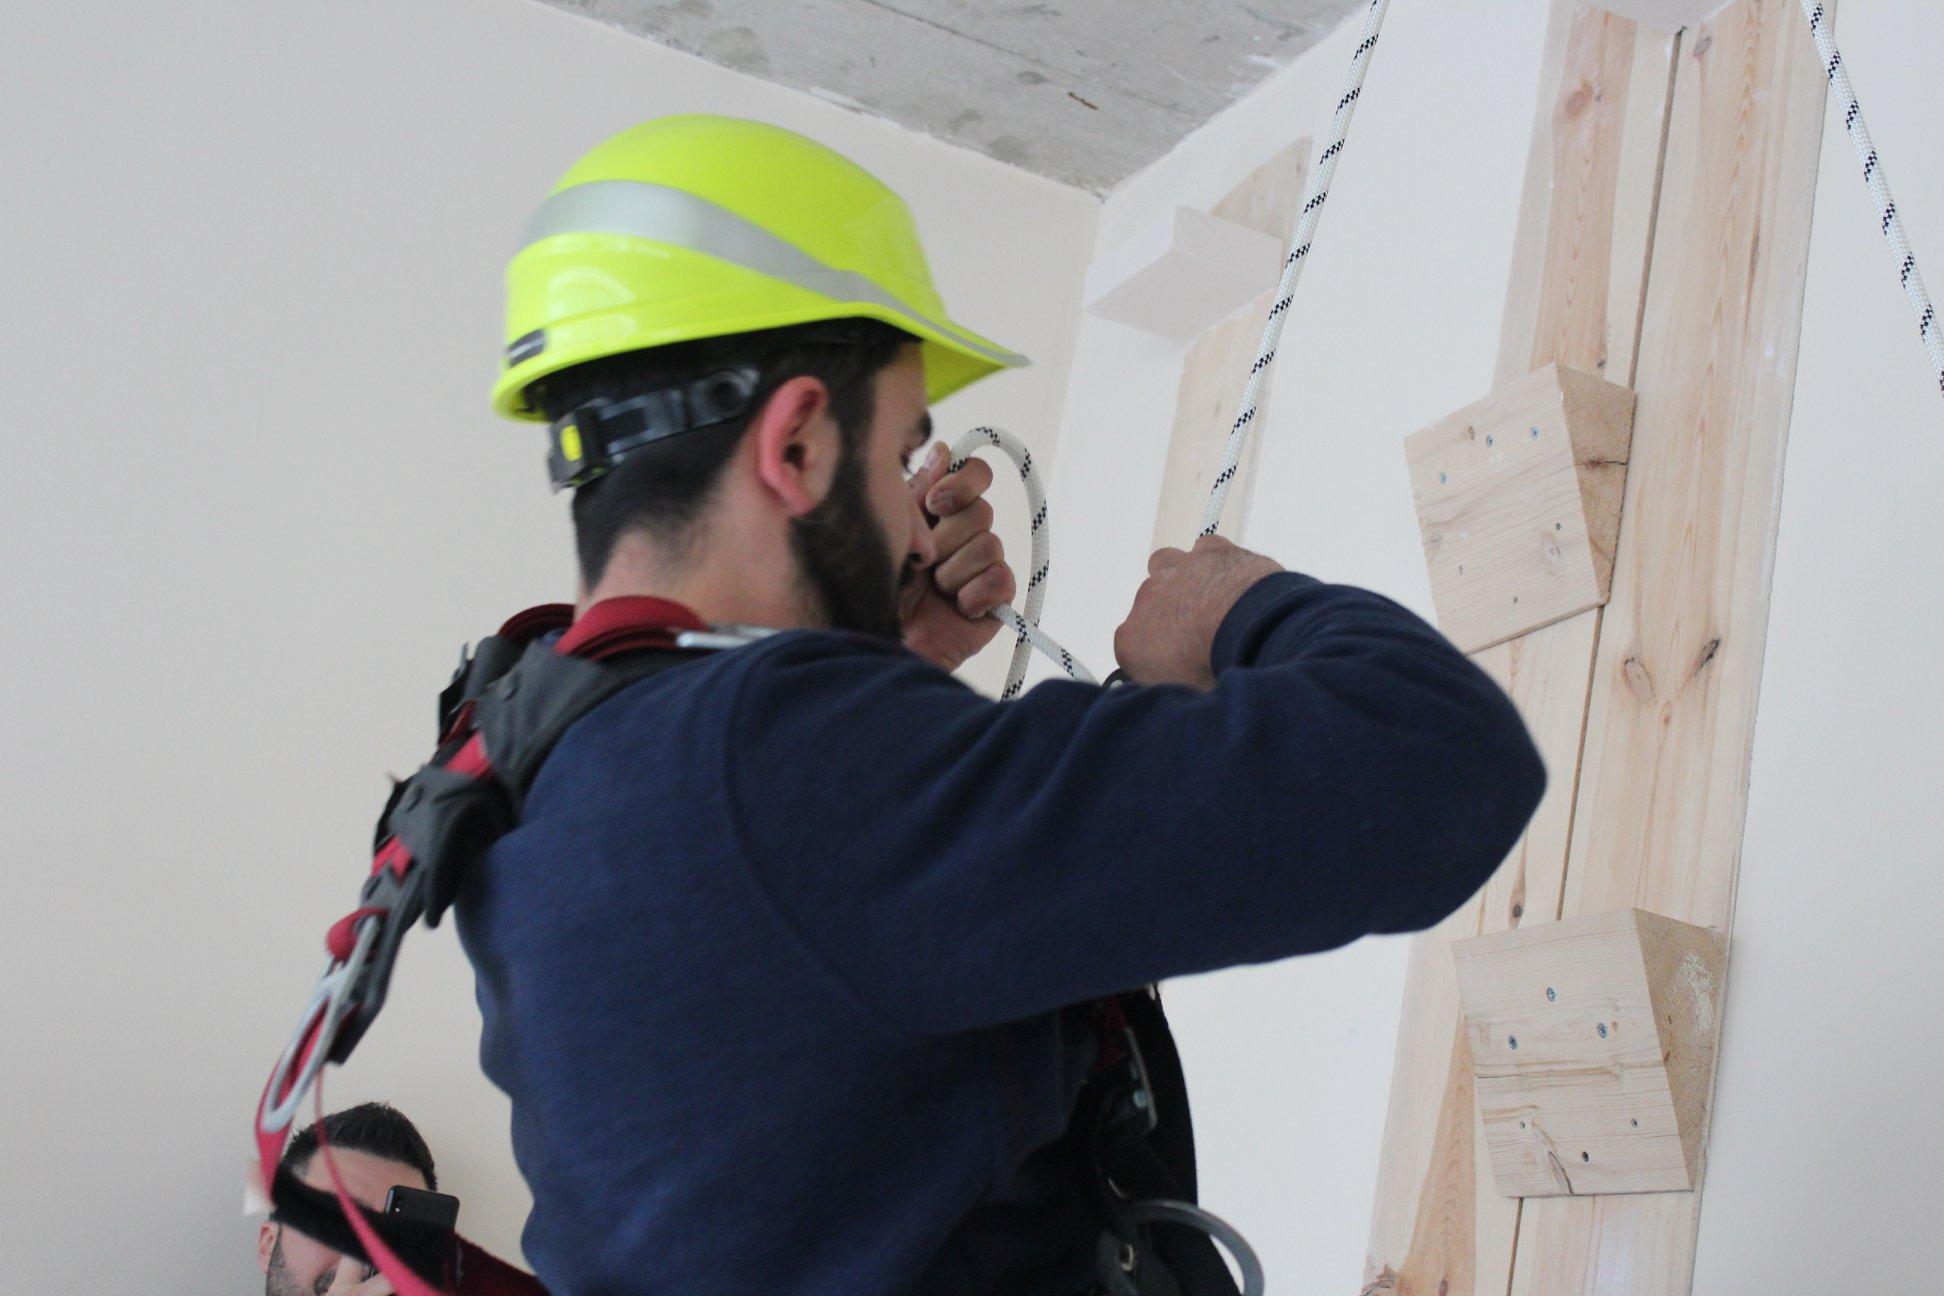 შრომის უსაფრთხოება - პრაქტიკული სწავლება